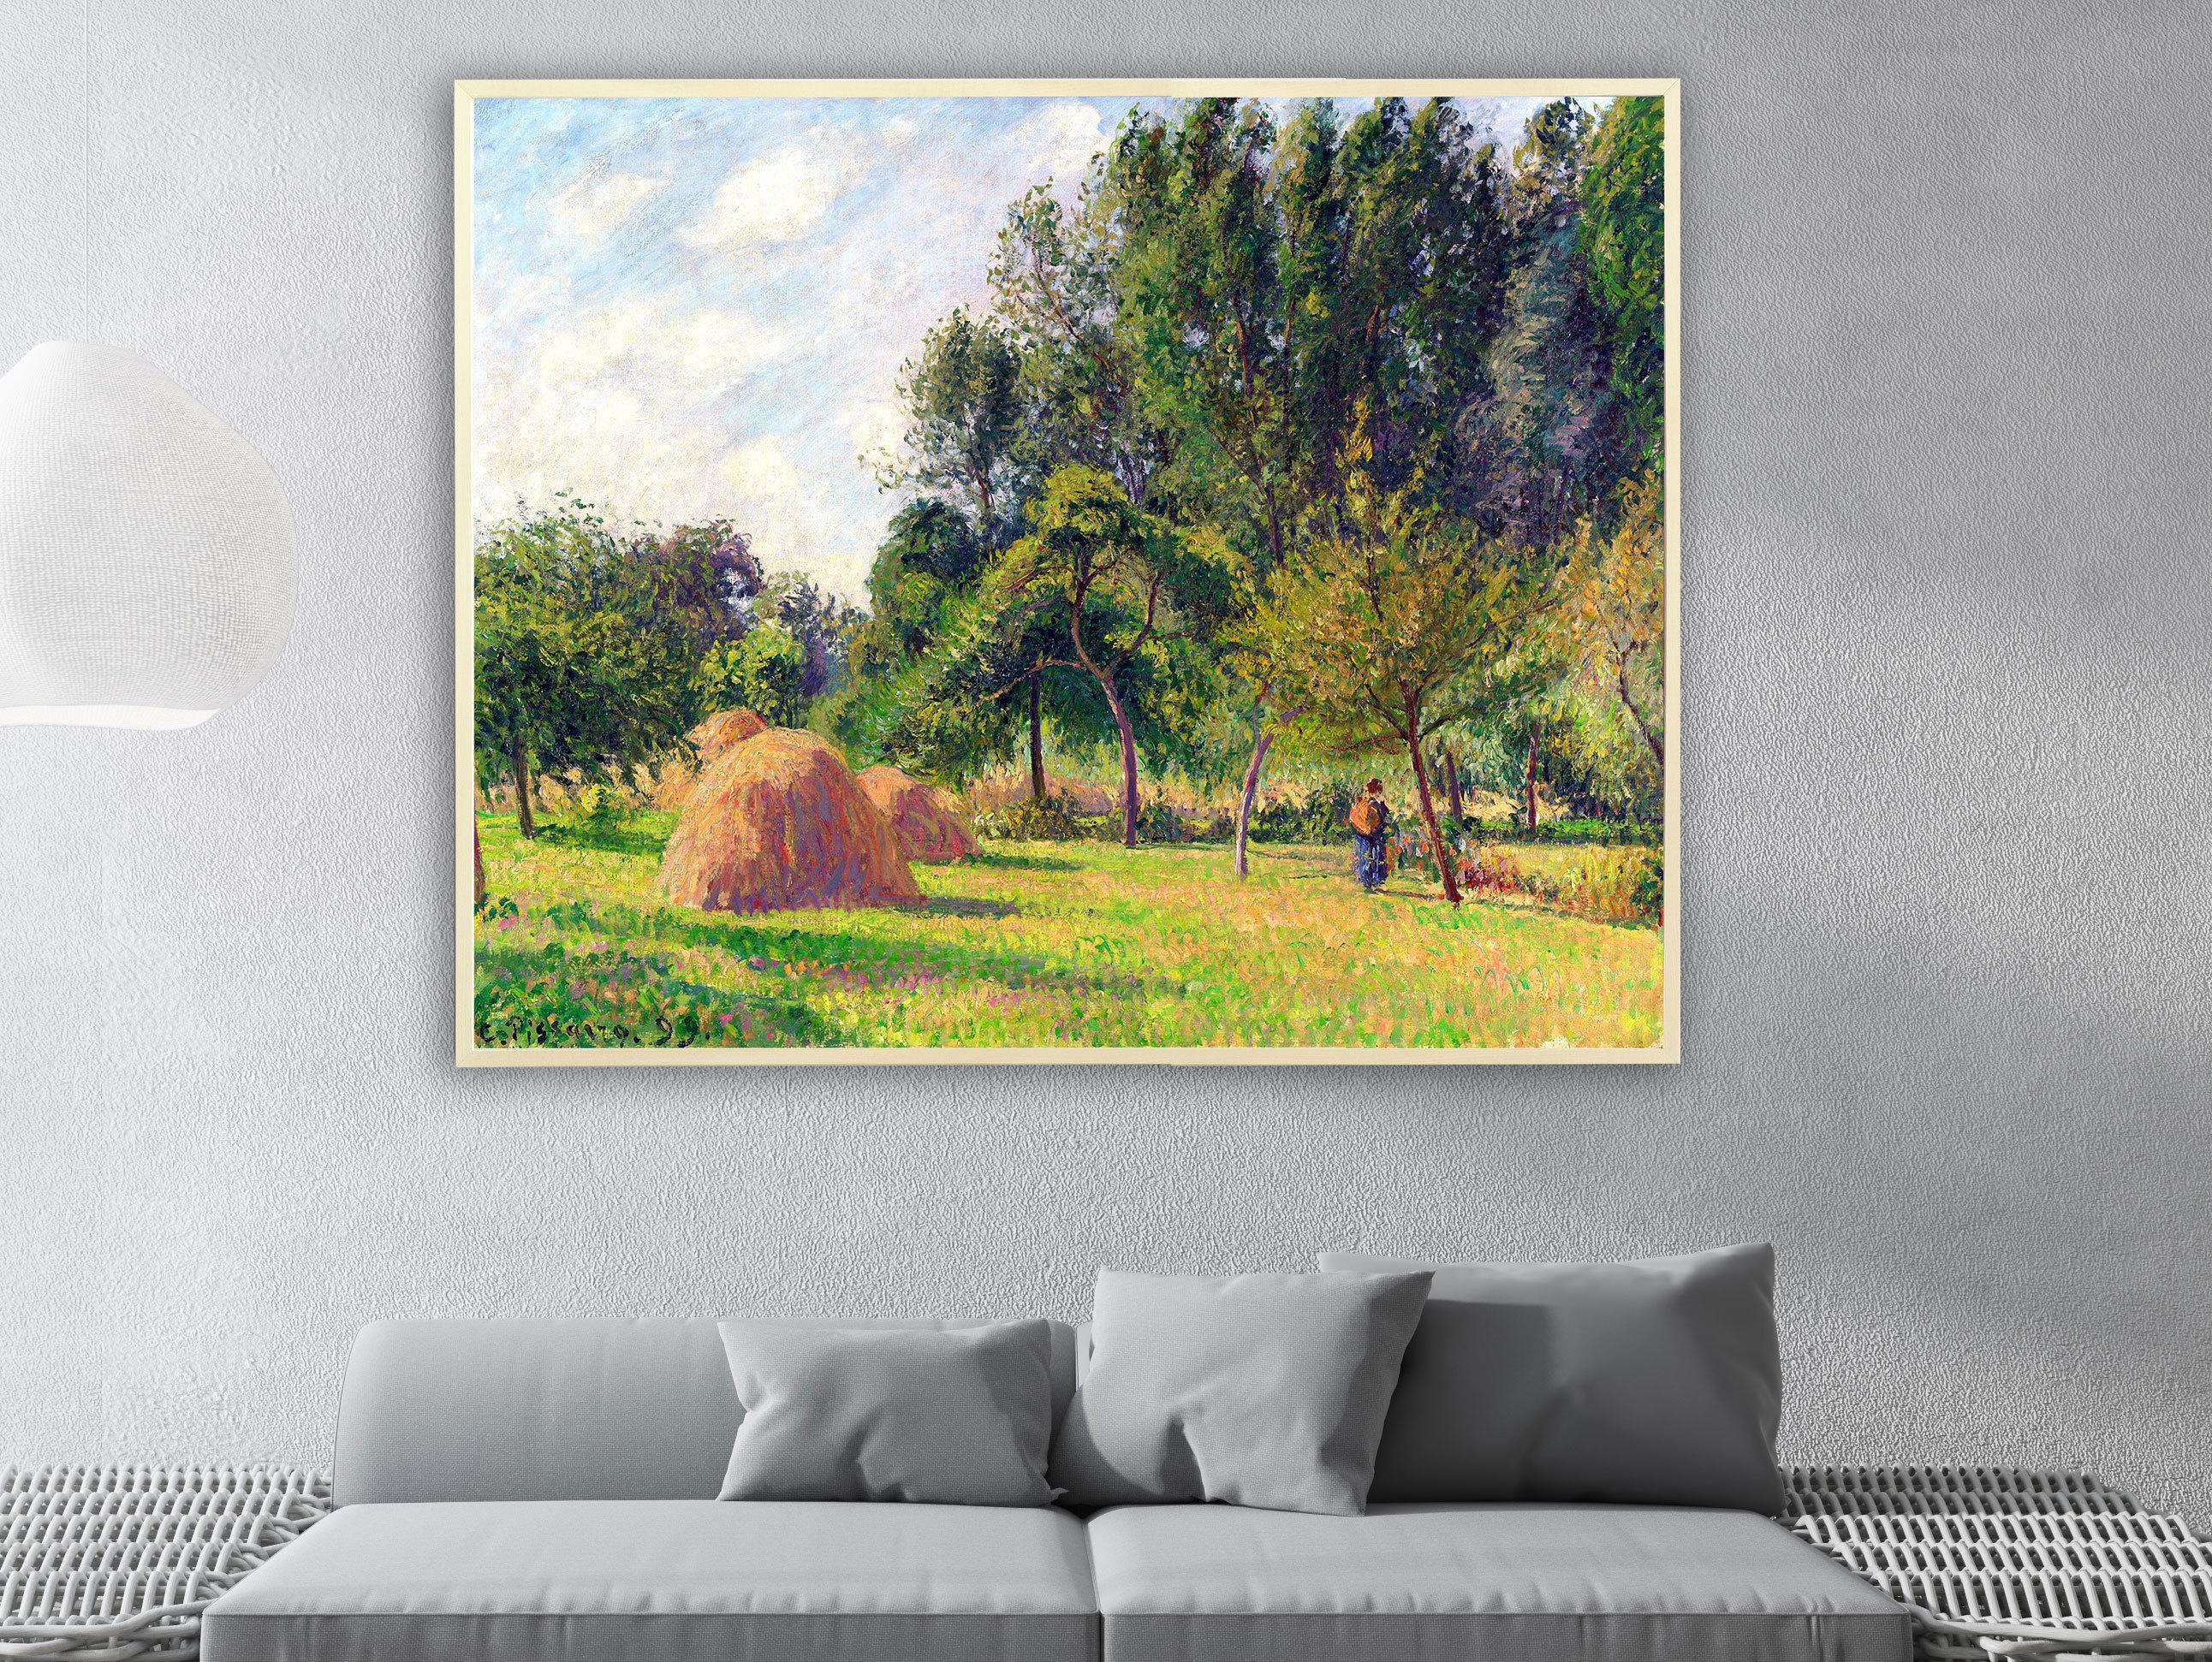 Camille Pissarro - Heuhaufen am Morgen Eragny in Frankreich, Bilderrahmen Ahorn